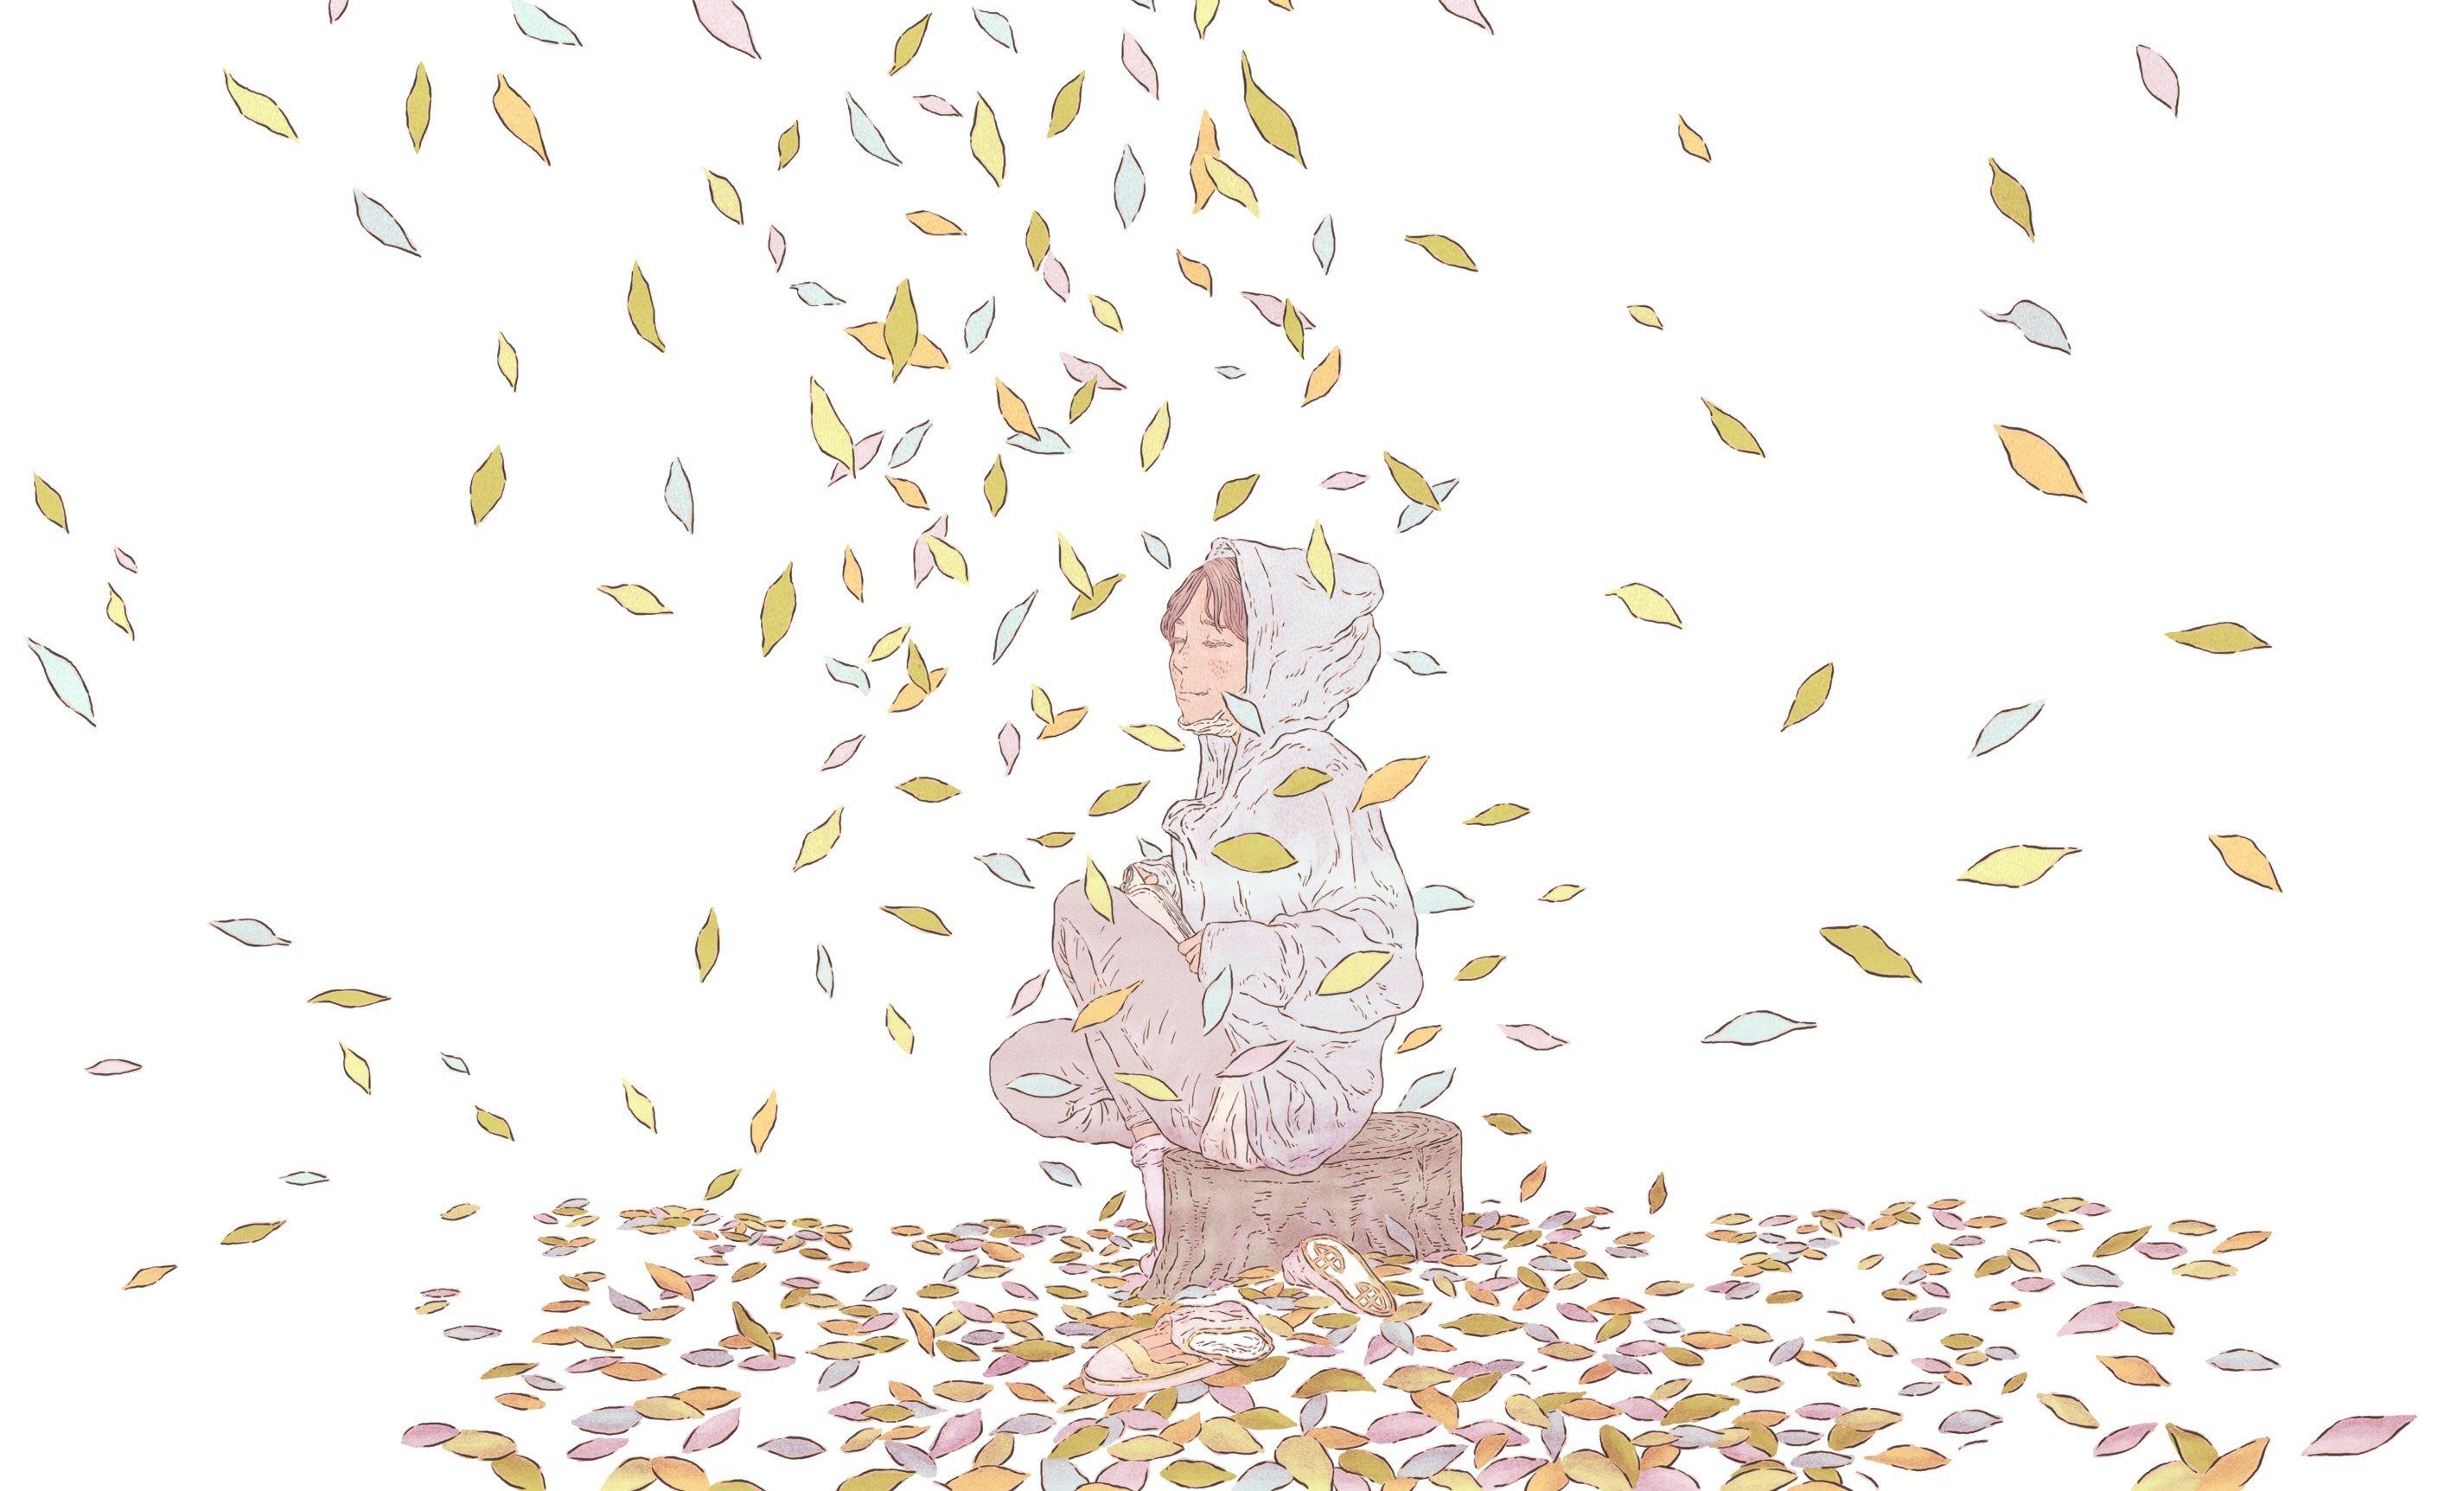 낙엽 일러스트 - Google 검색